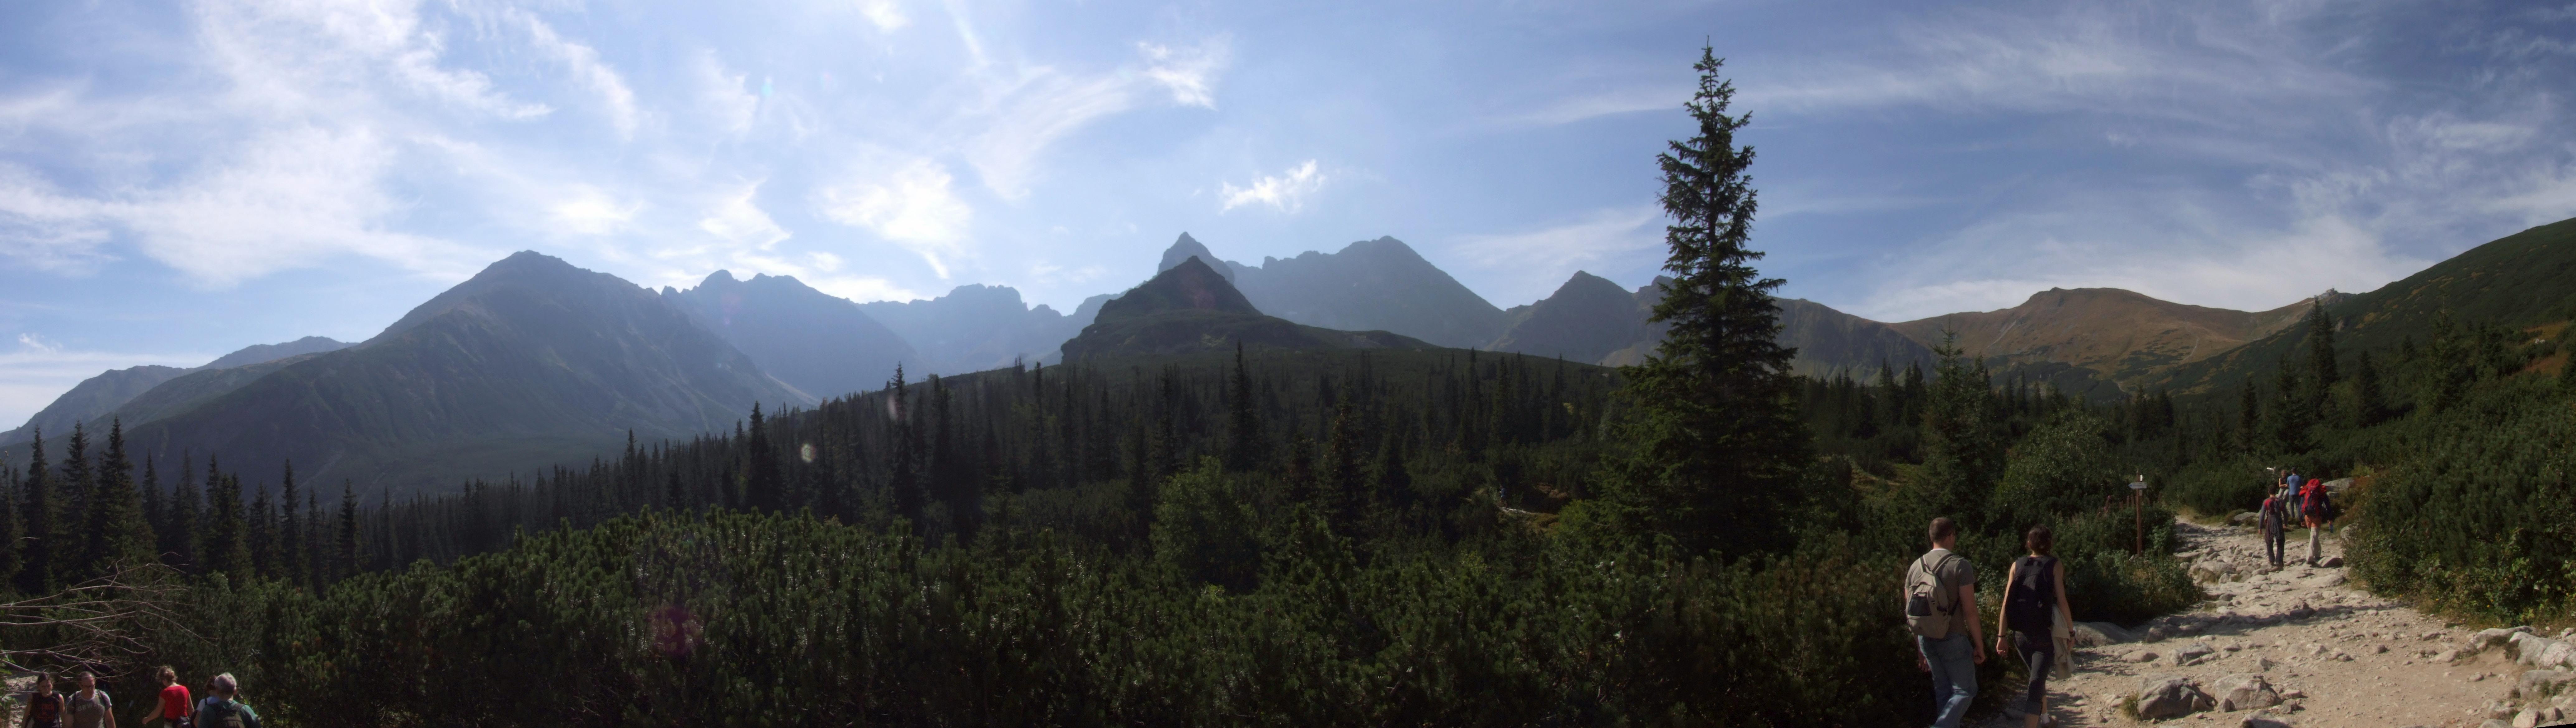 Dolina Gąsienicowa, fot. Paweł Opioła, źródło: Wikimedia, GNU